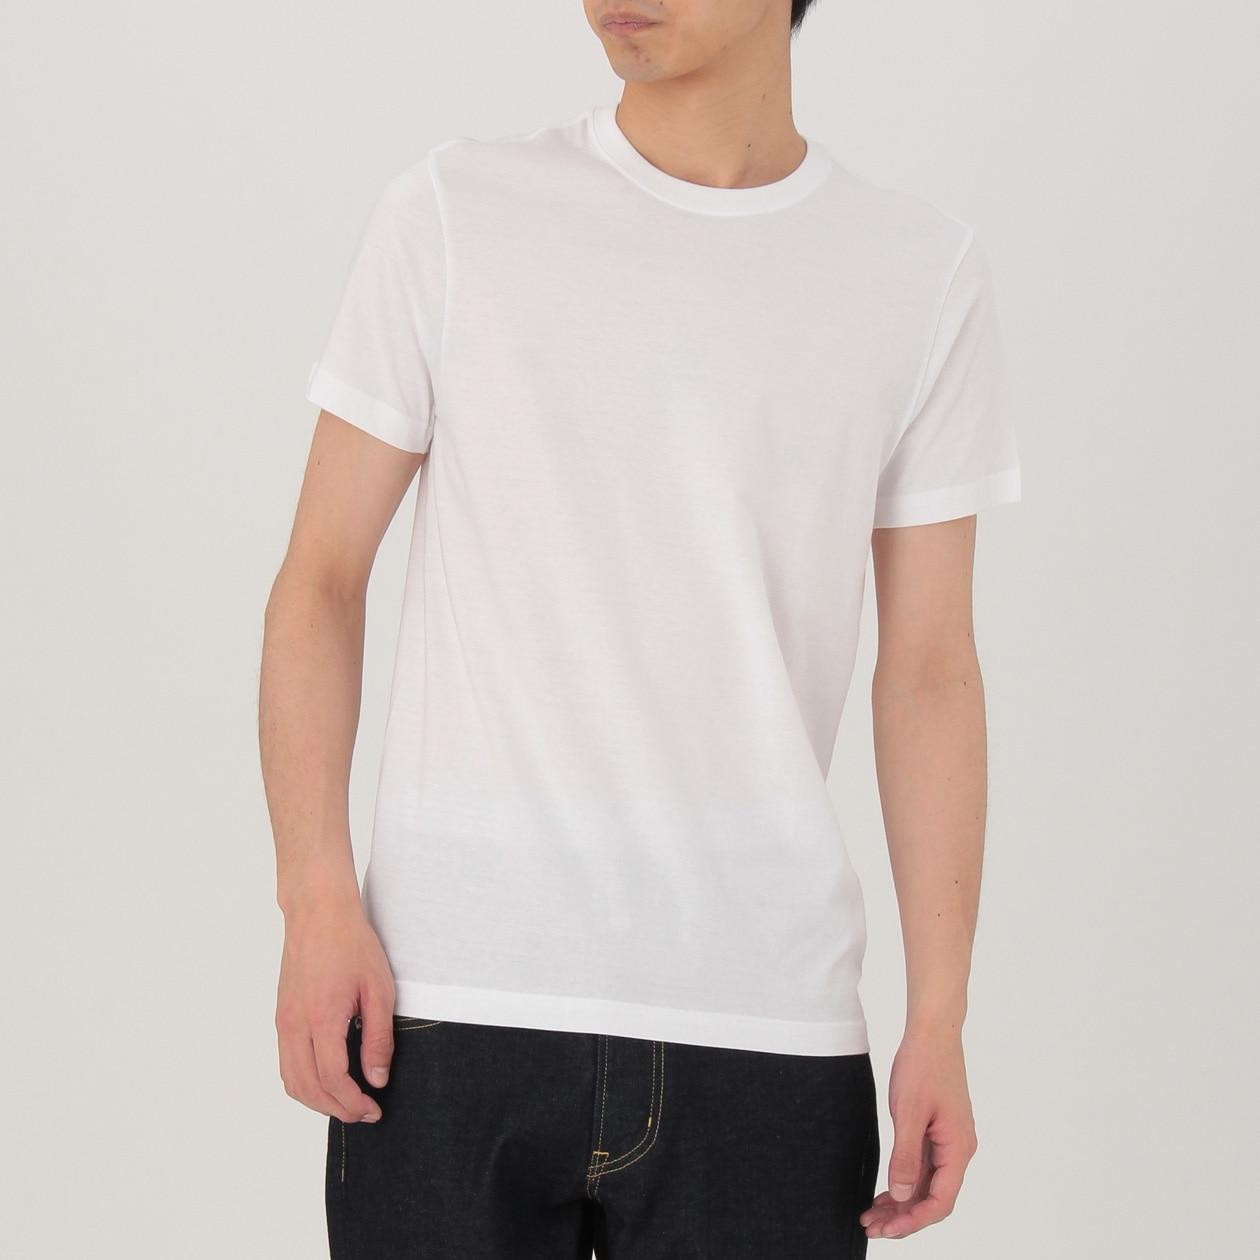 脇に縫い目がない 天竺編みクルーネック半袖Tシャツ・2枚組